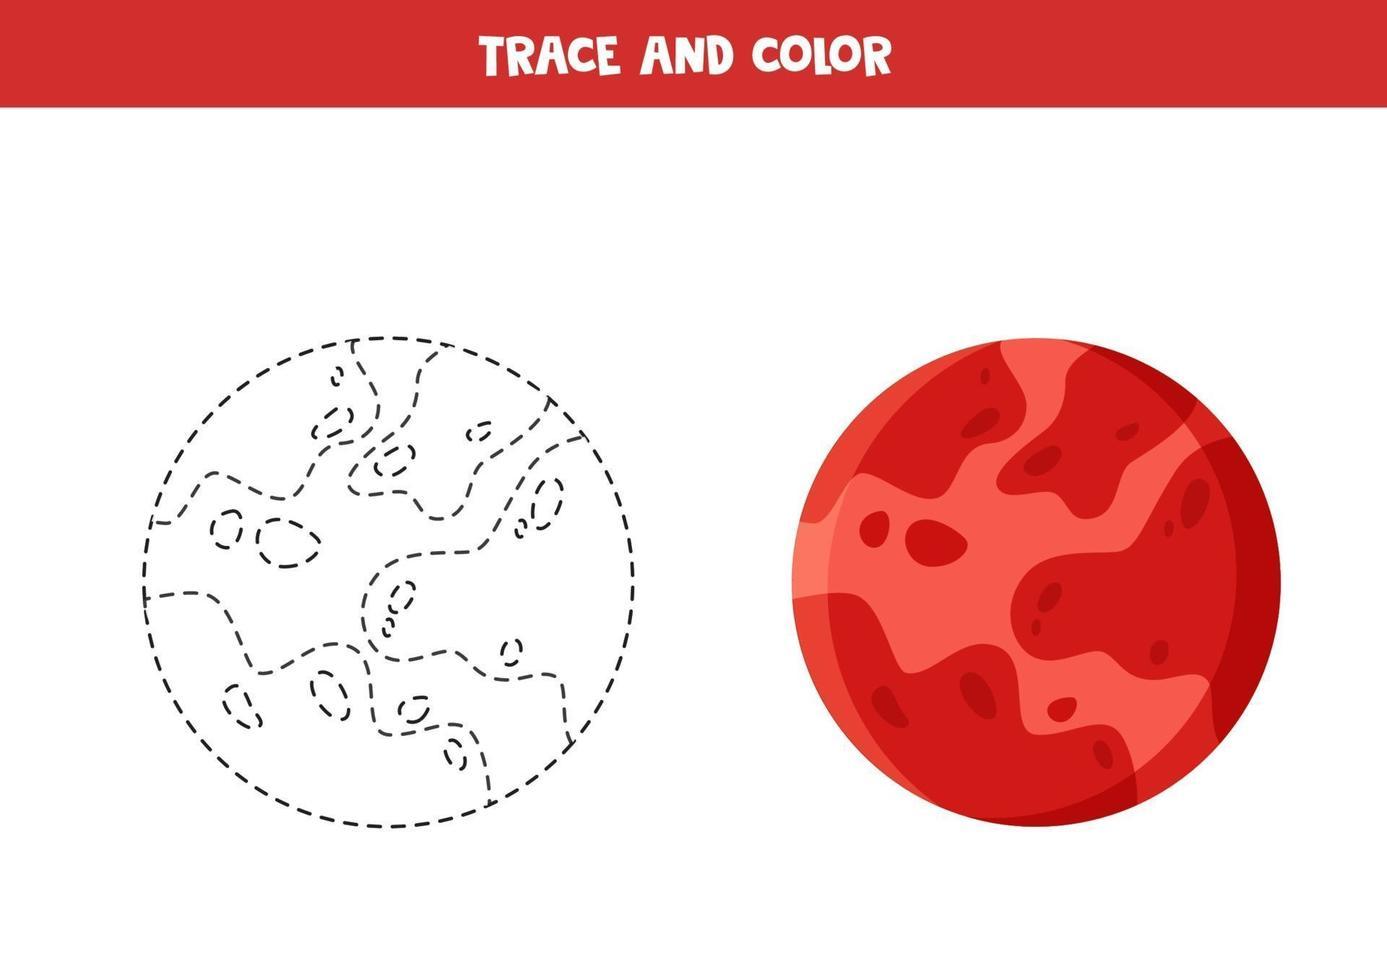 spår och färg tecknad mars planet. roligt kalkylblad för barn. vektor